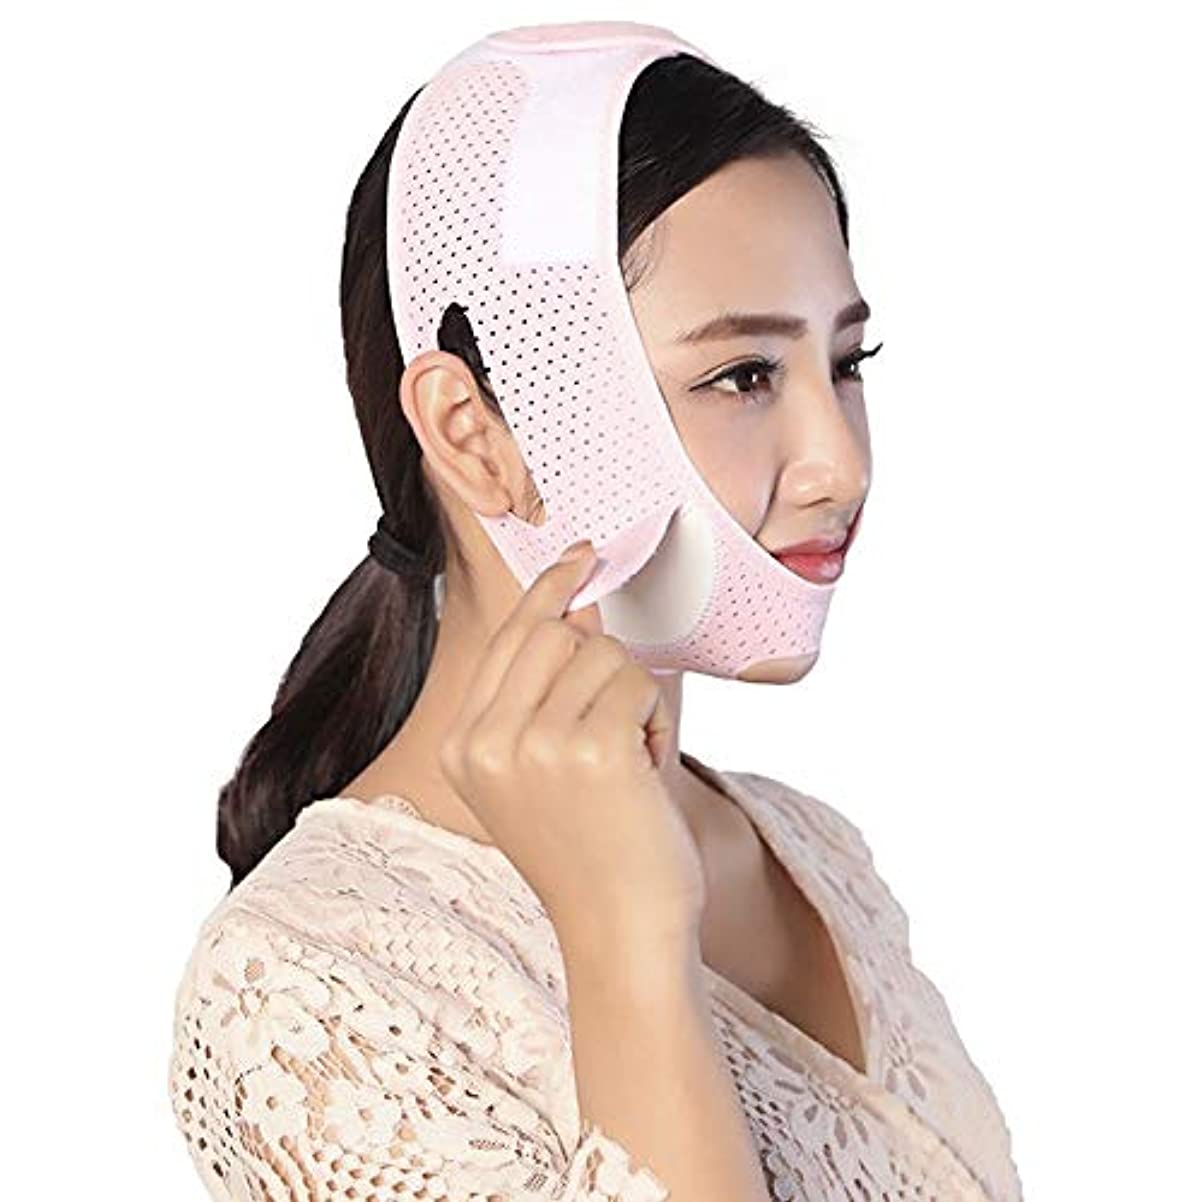 バリースポーツをする該当する薄い顔のバンド - 薄い顔の包帯は、ダブルの顎の法令Vをマスクするために持ち上げて睡眠マスクの通気